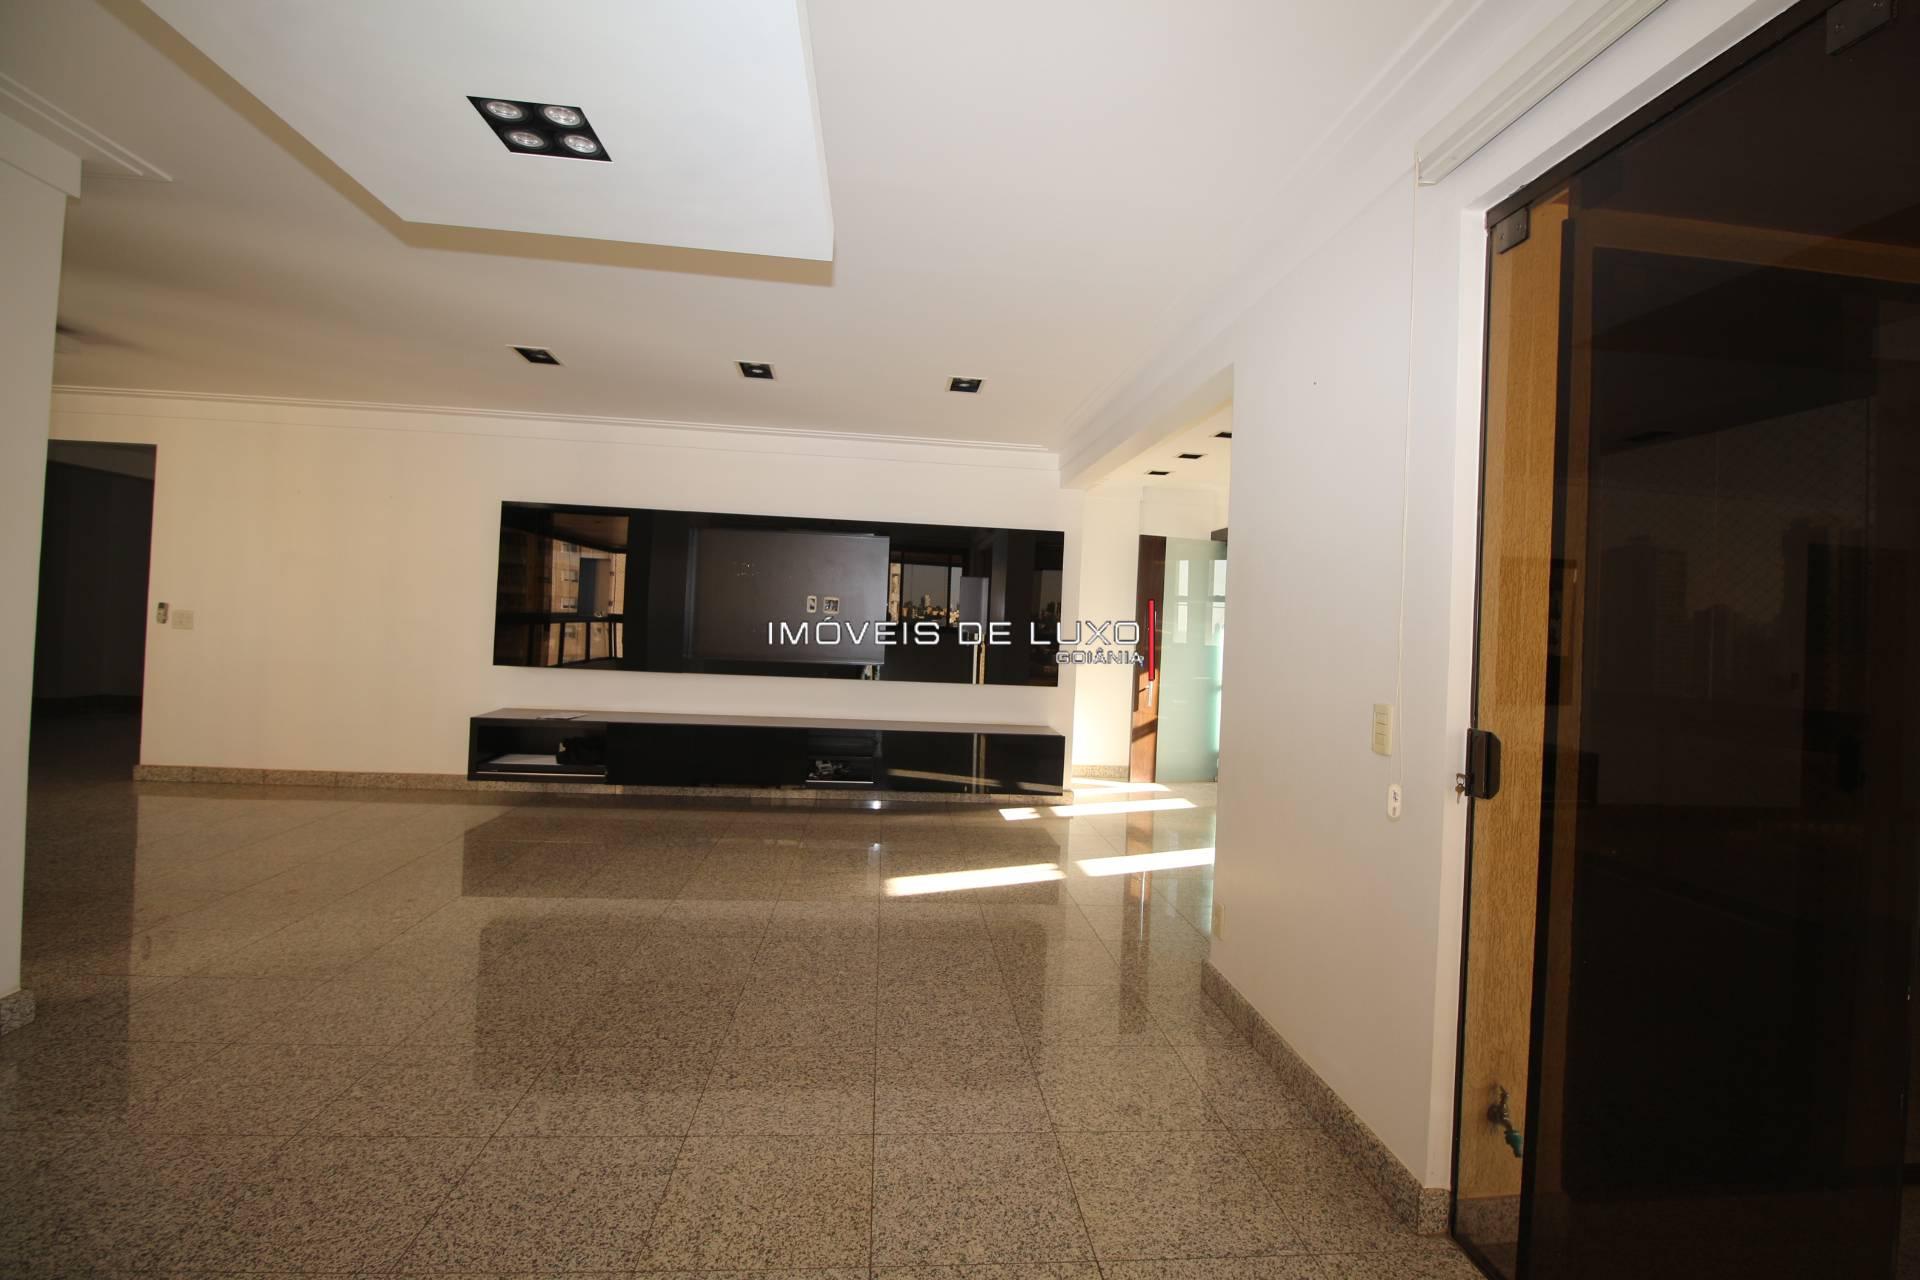 Imóveis de Luxo - Apartamento com 4 suítes vista para o Vaca Brava